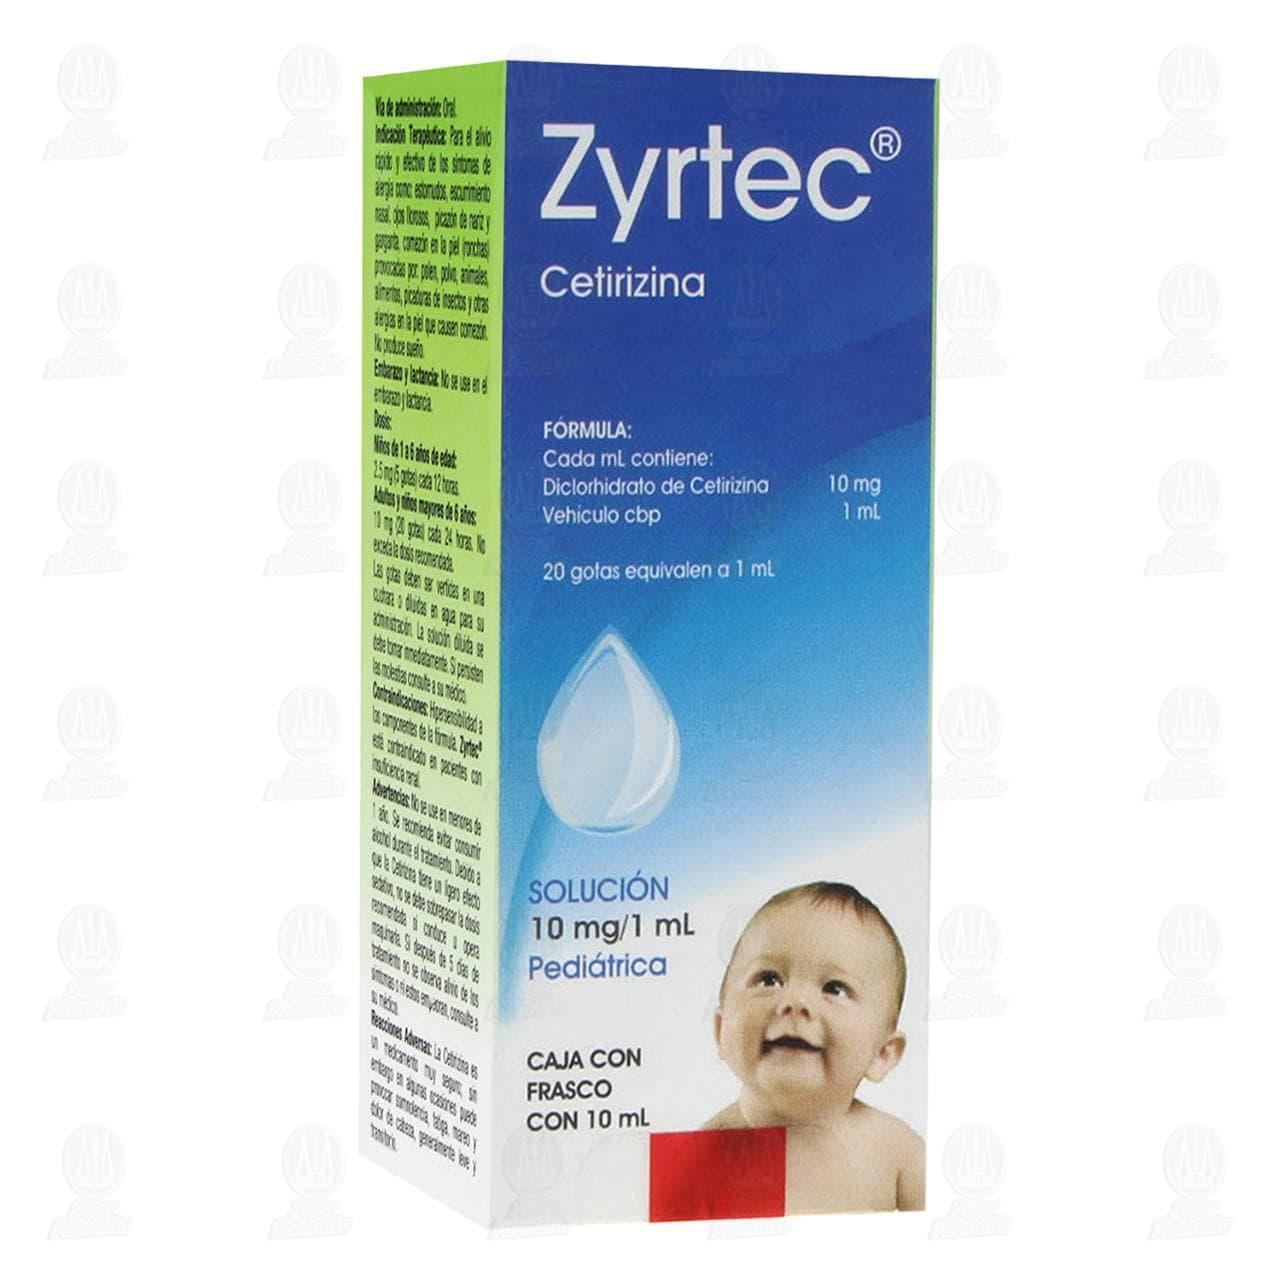 comprar https://www.movil.farmaciasguadalajara.com/wcsstore/FGCAS/wcs/products/840416_A_1280_AL.jpg en farmacias guadalajara